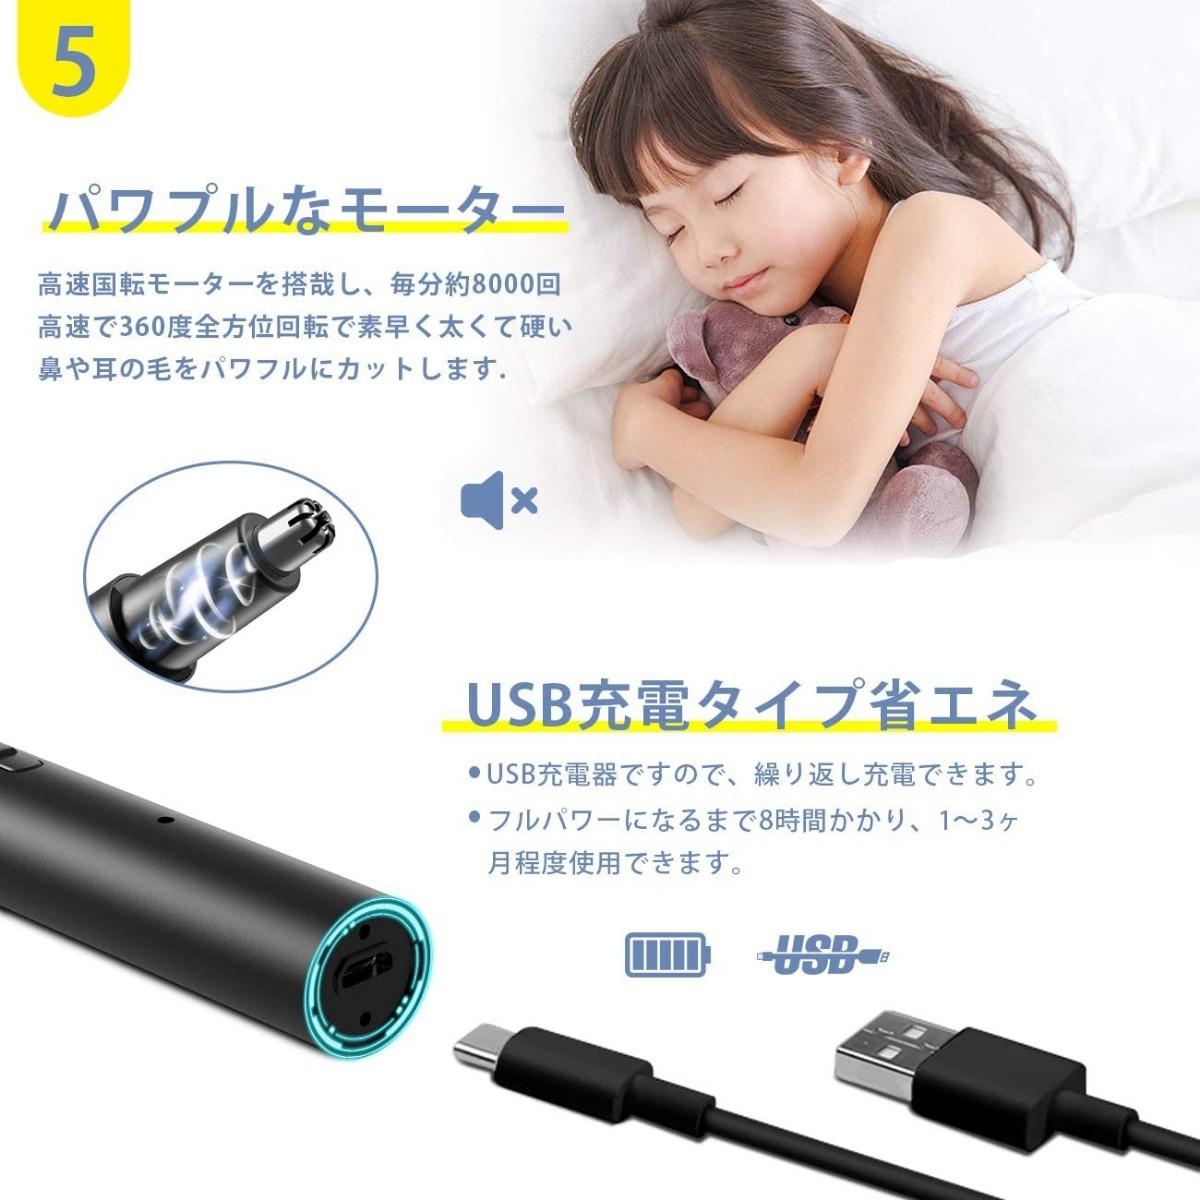 ①鼻毛カッター メンズ USB充電式 1台3役 水洗い可能 持ち運び便利